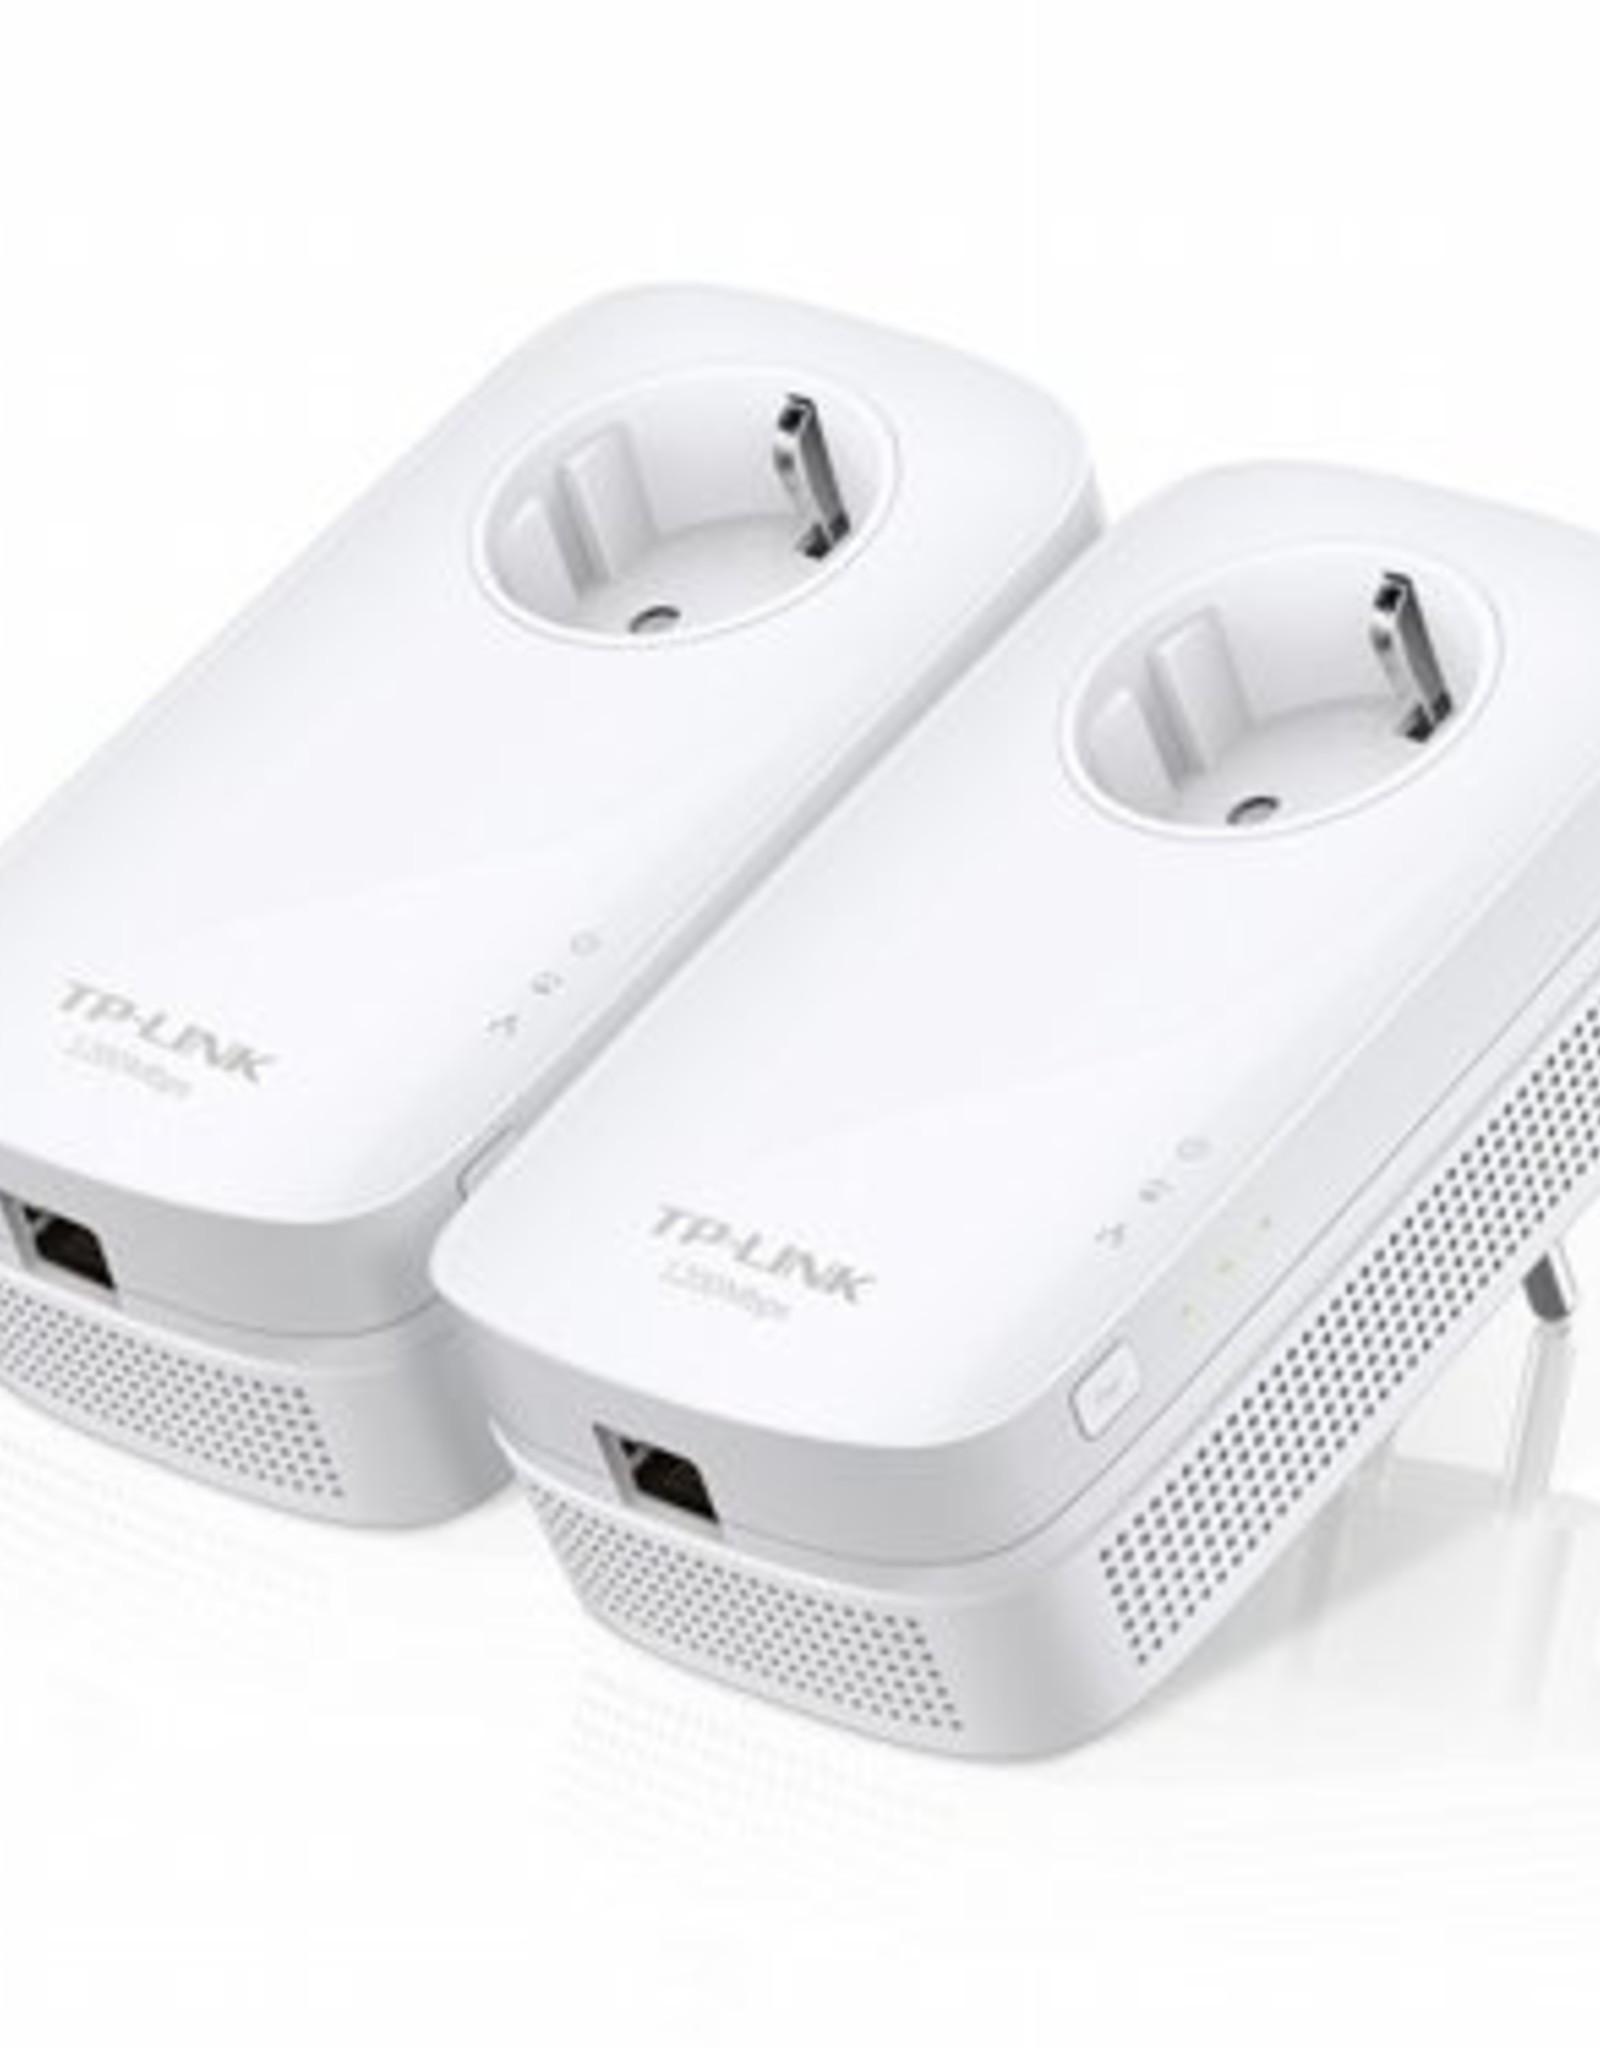 TP-LINK AV1200 1200 Mbit/s Ethernet LAN Wit KIT